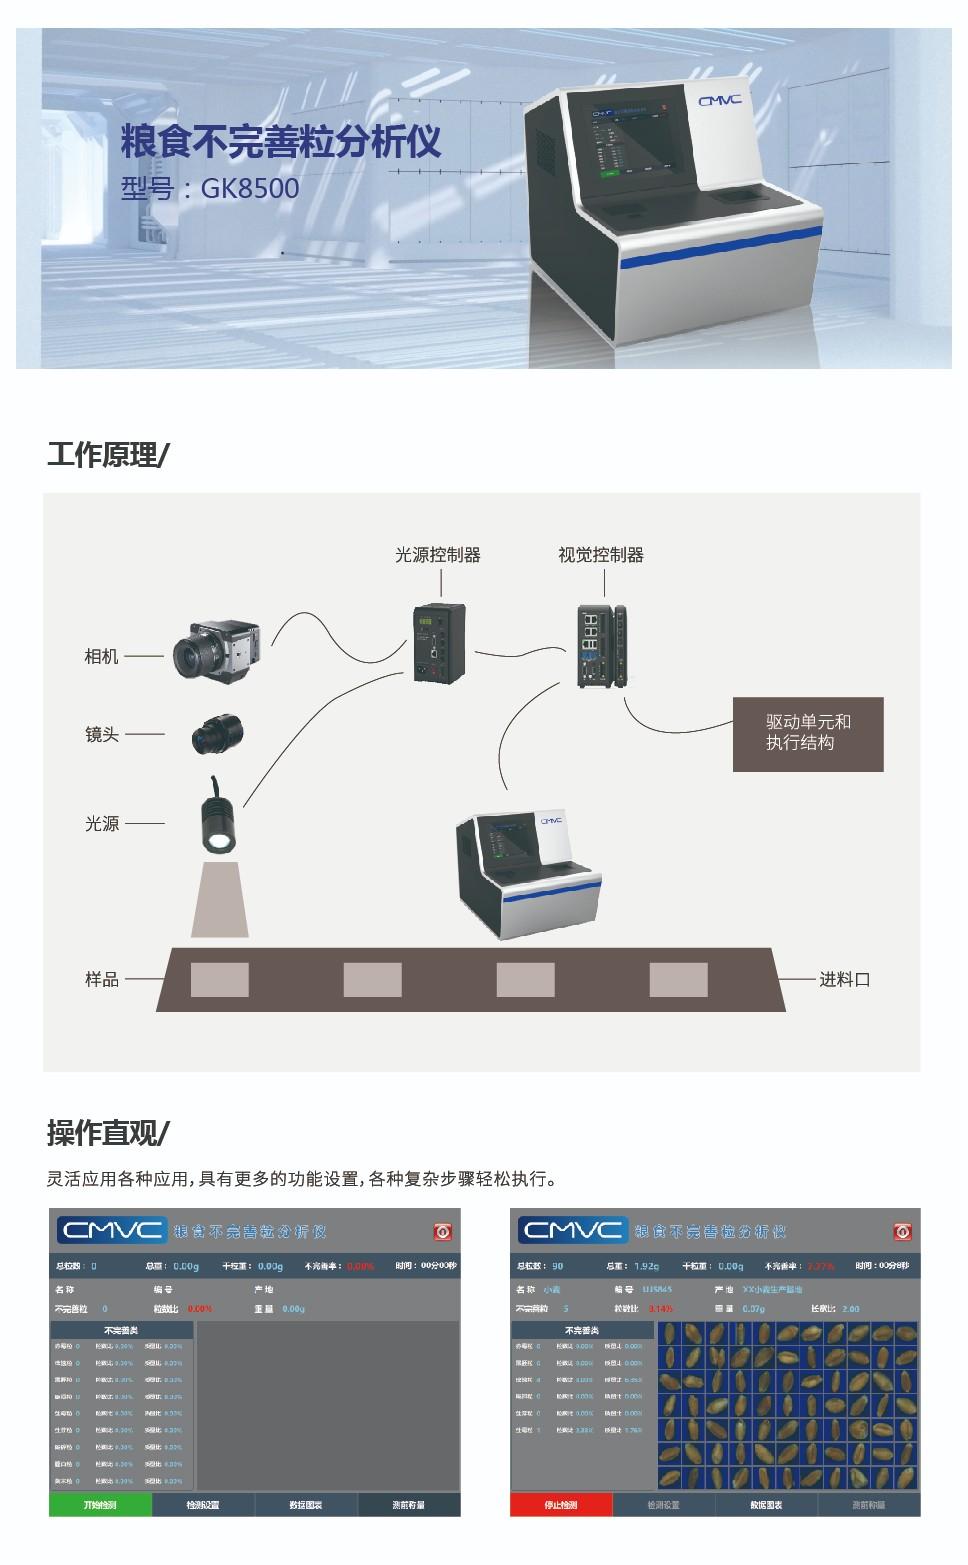 网站9800-产品介绍_画板 1 副本 4.jpg